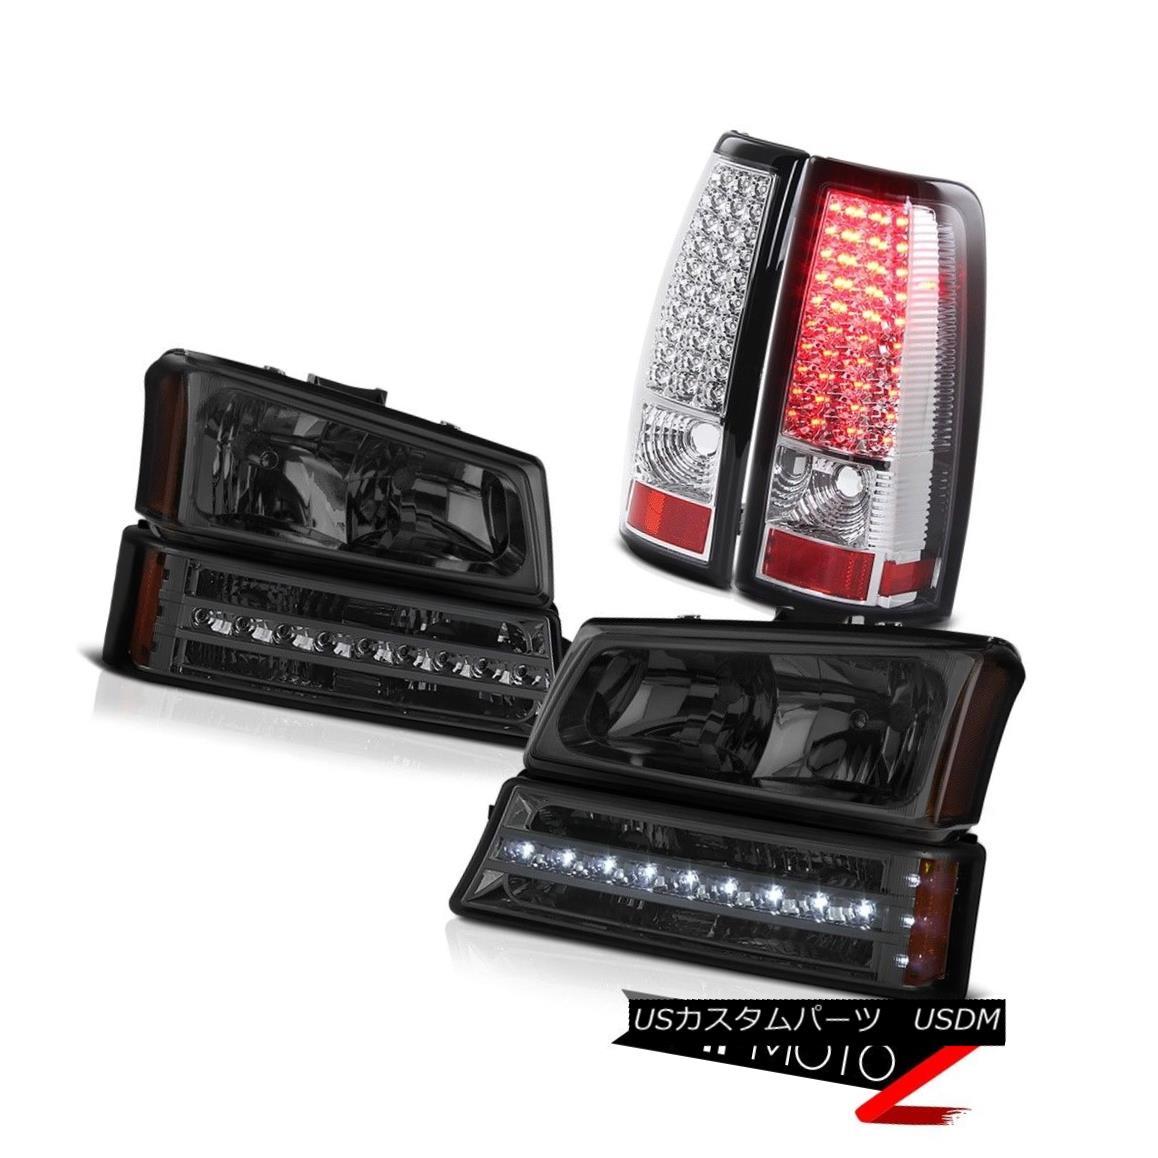 テールライト 03-06 Chevy Silverado 1500 Rear brake lamps smokey parking light headlamps SMD 03-06 Chevy Silverado 1500リアブレーキランプスモーパーキングライトヘッドランプSMD